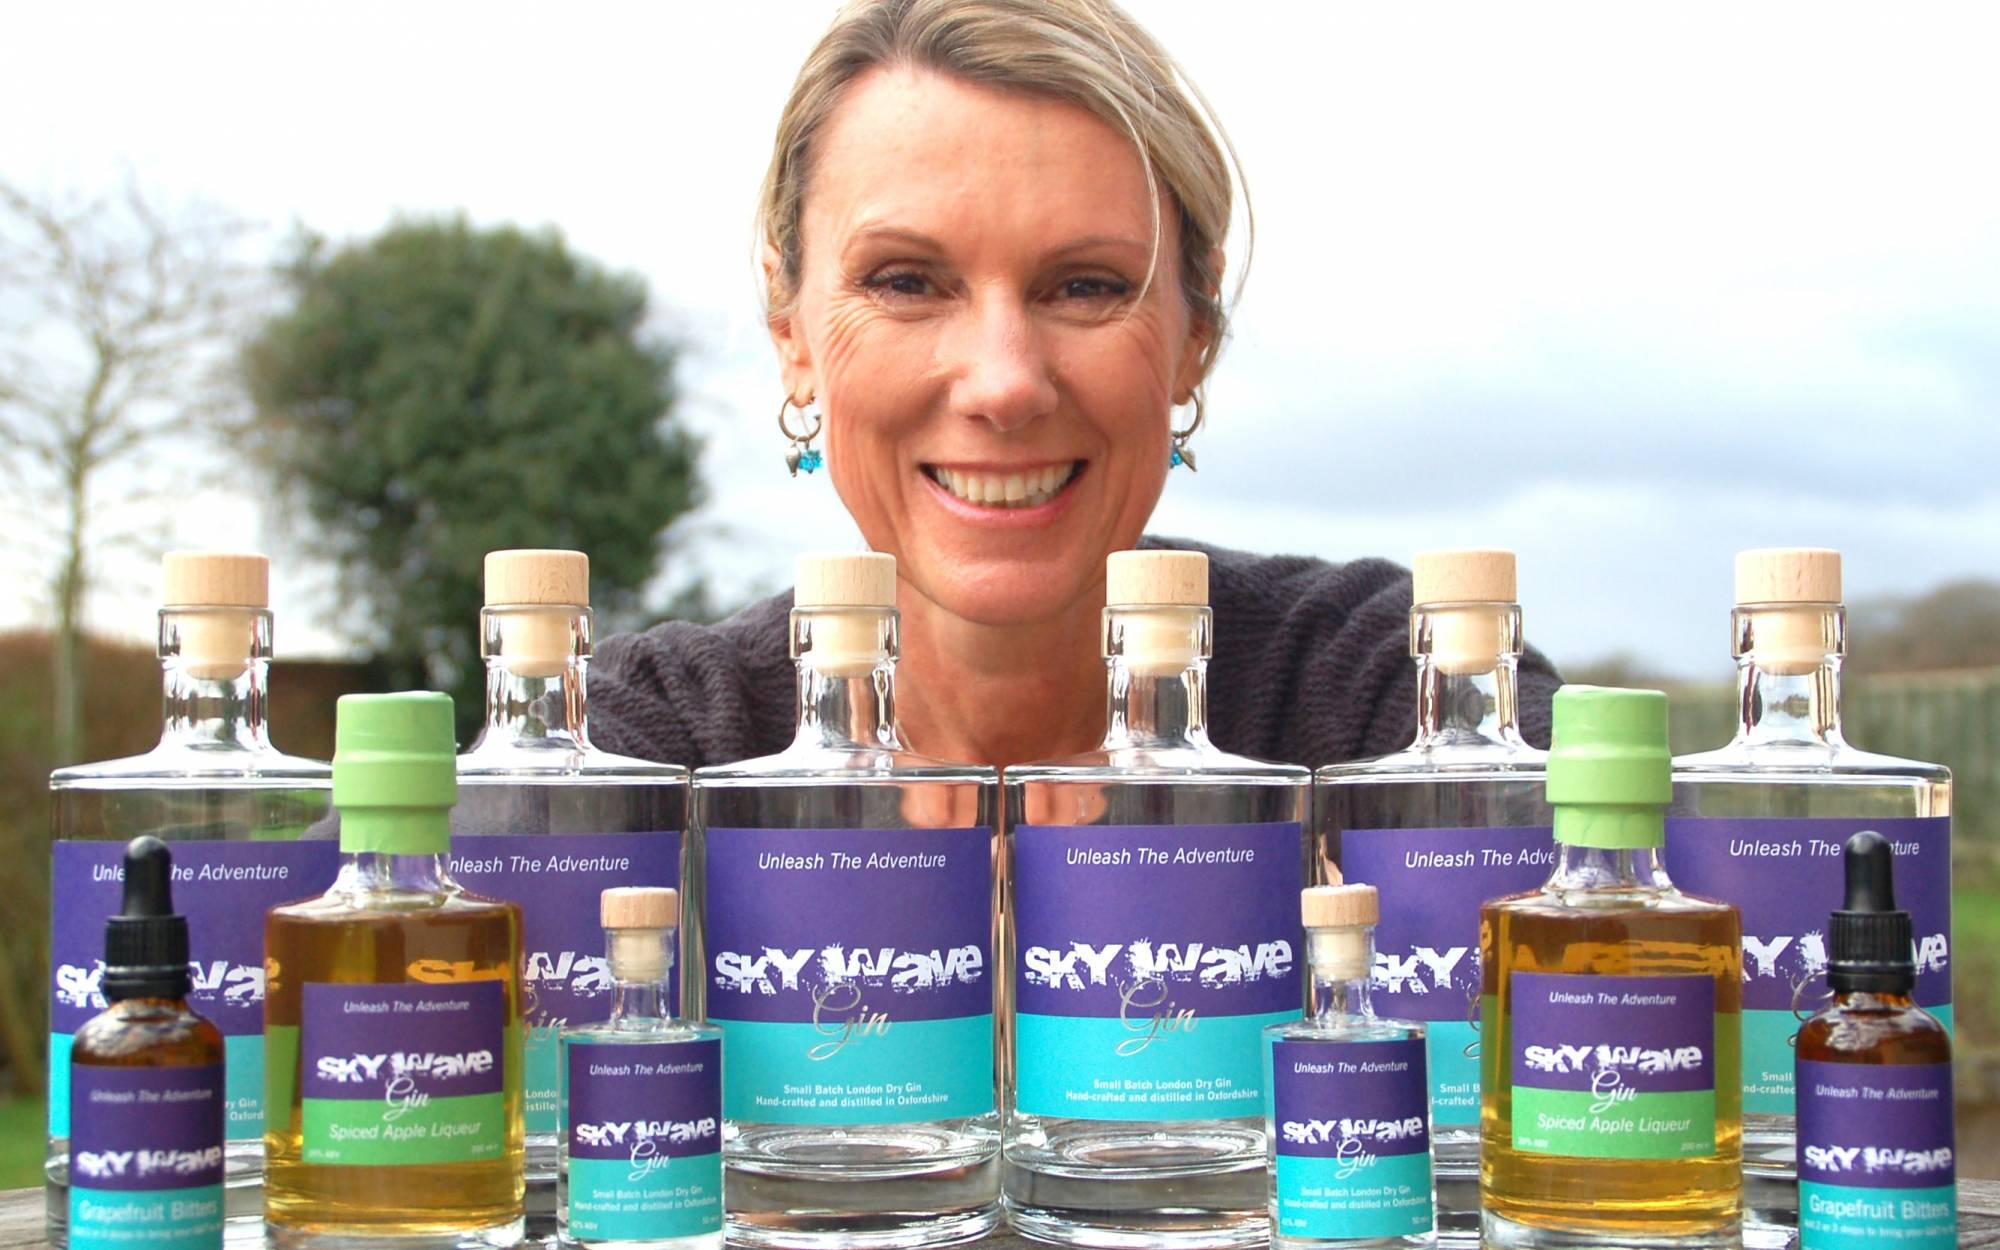 Rachel Hicks, Sky Wave Gin